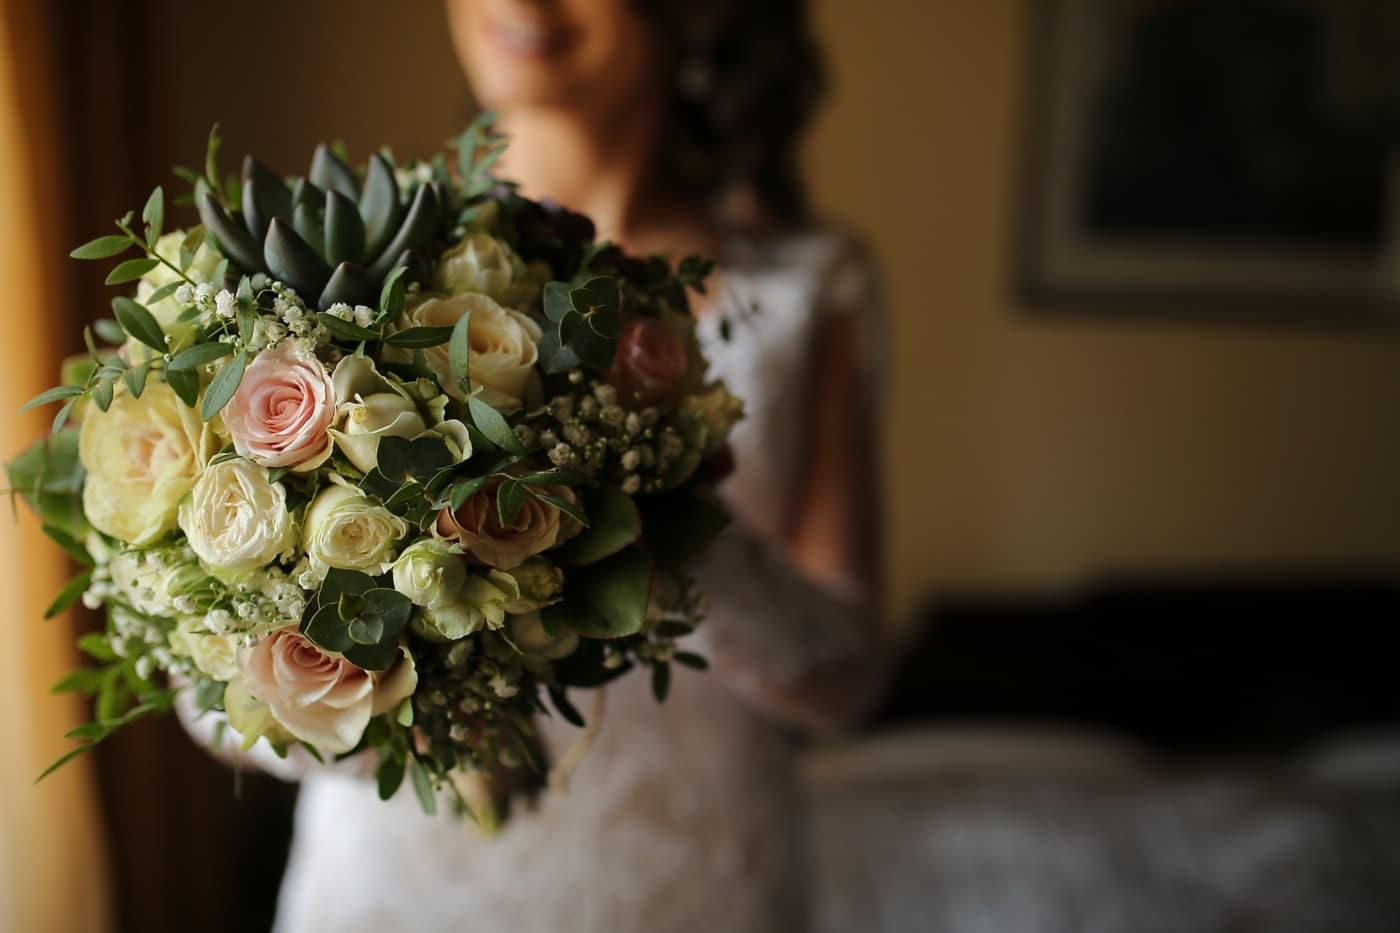 bruden, innehav, bröllop bukett, arrangemang, blomma, bröllop, bukett, ökade, Kärlek, dekoration